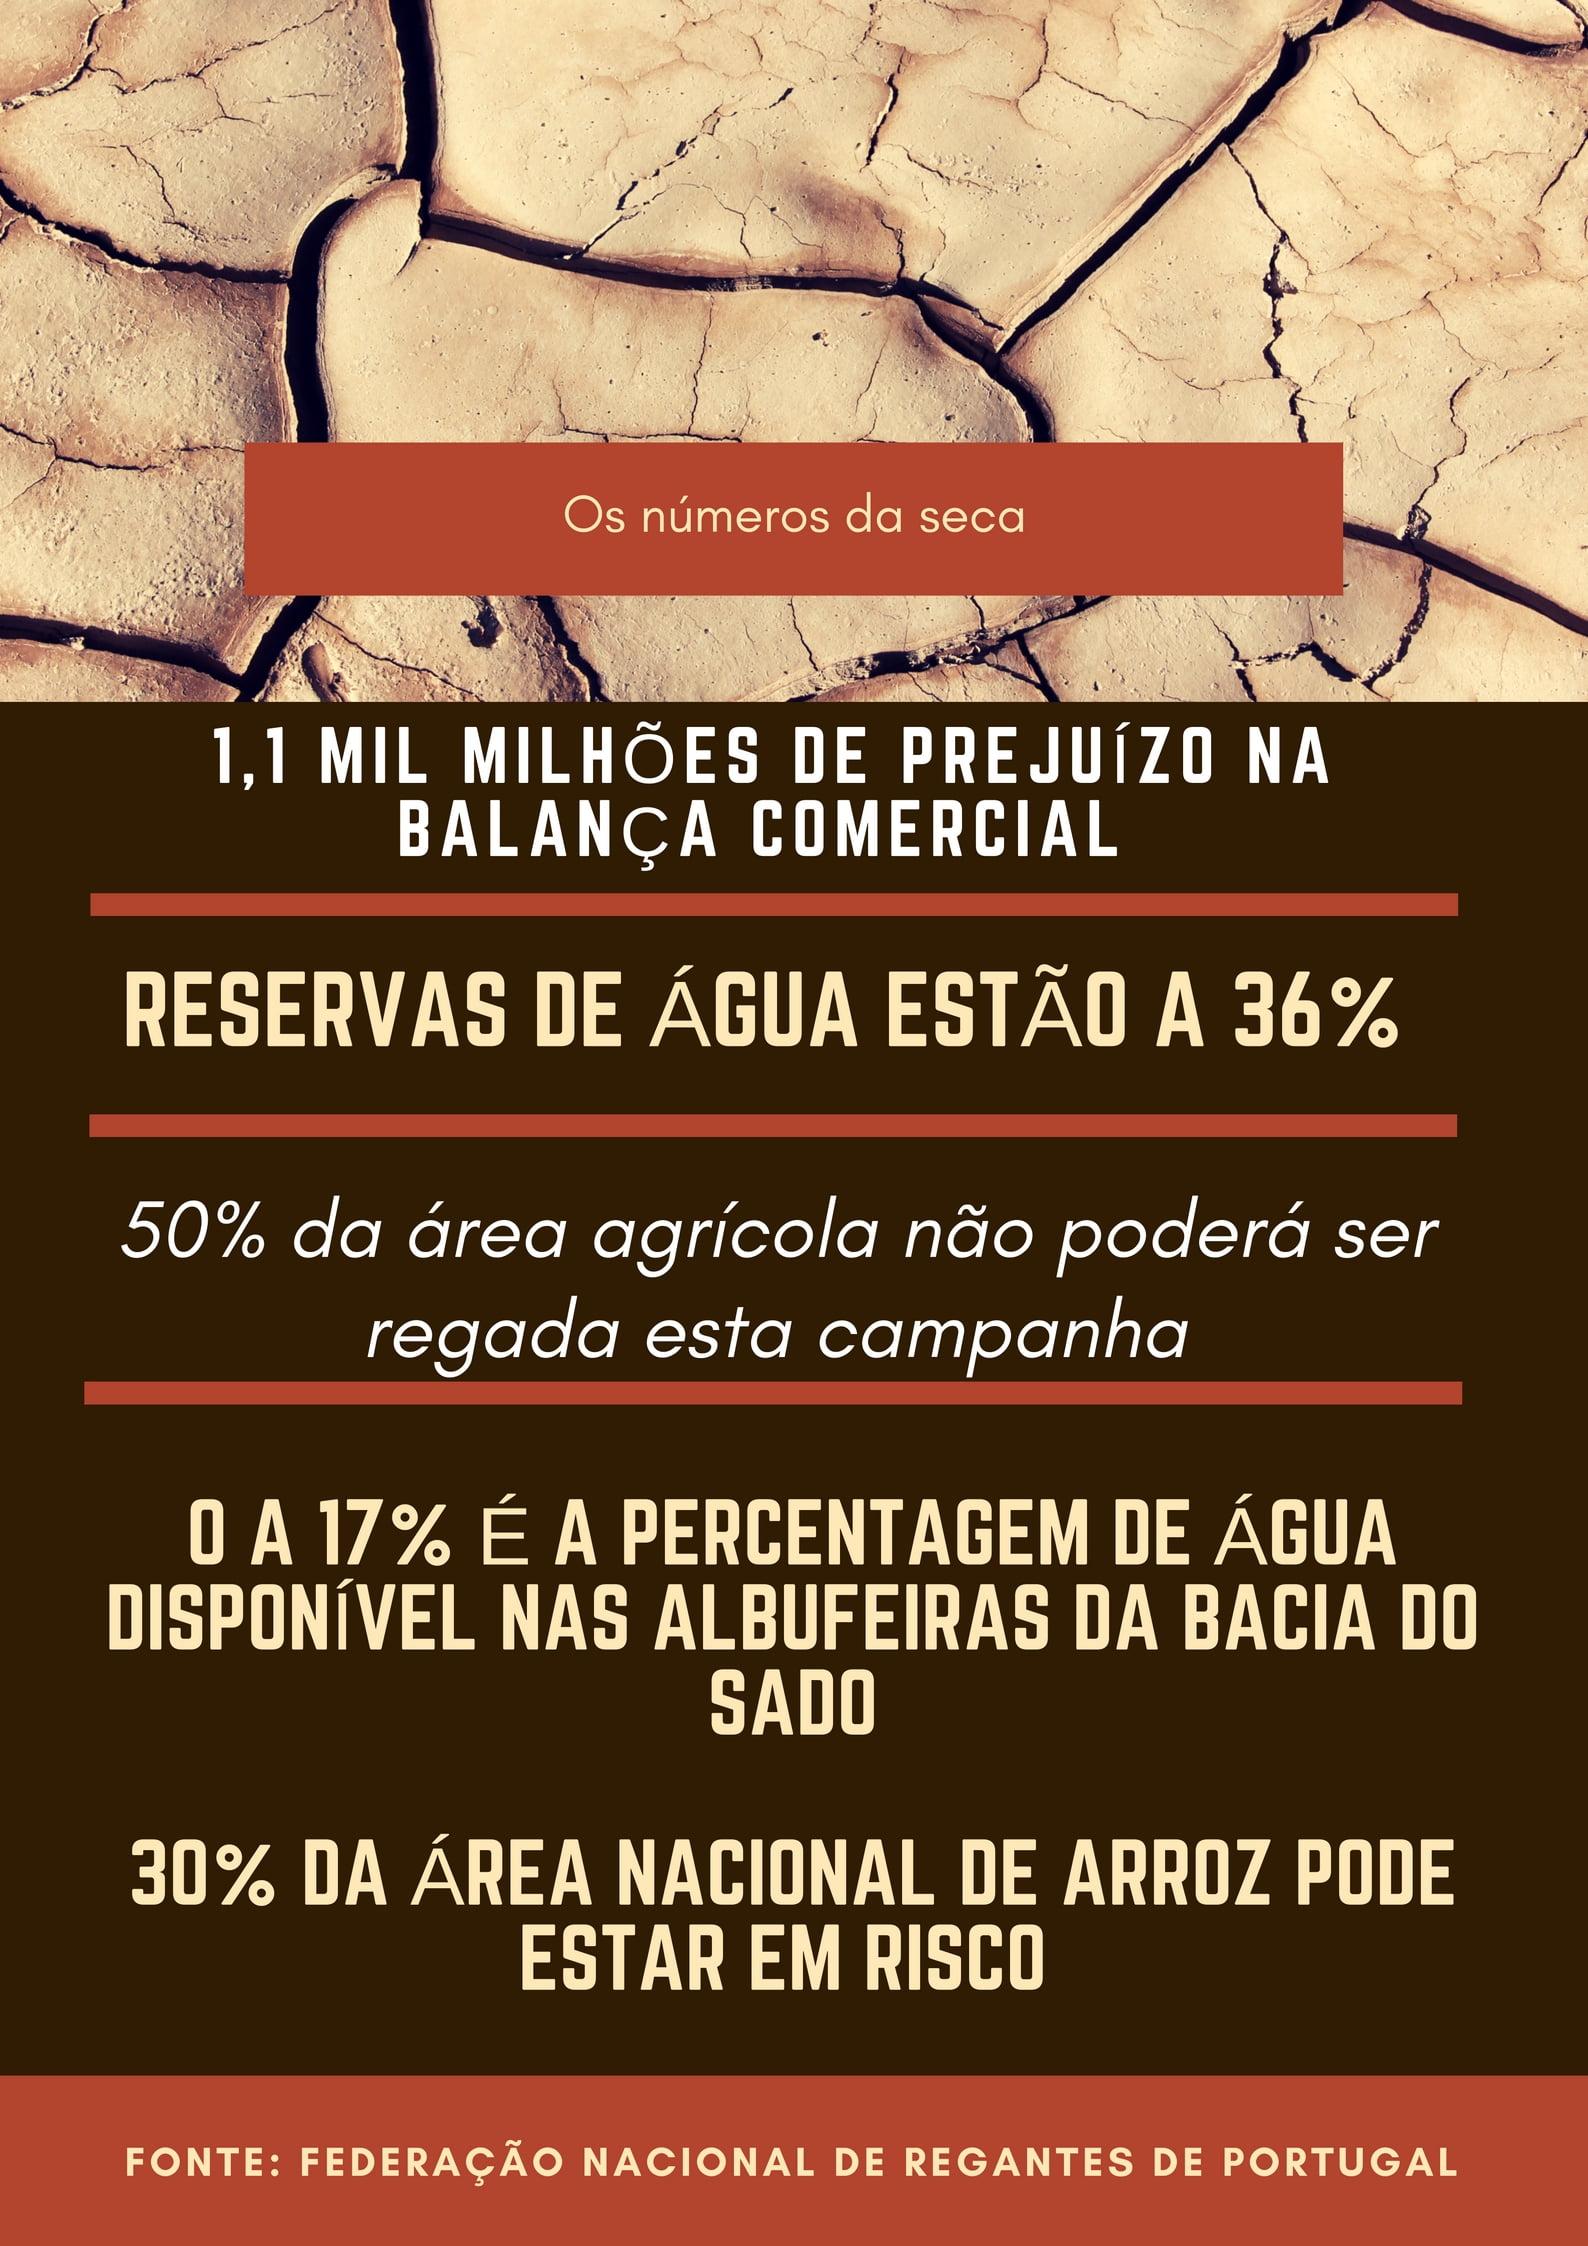 Infografia: os números da seca